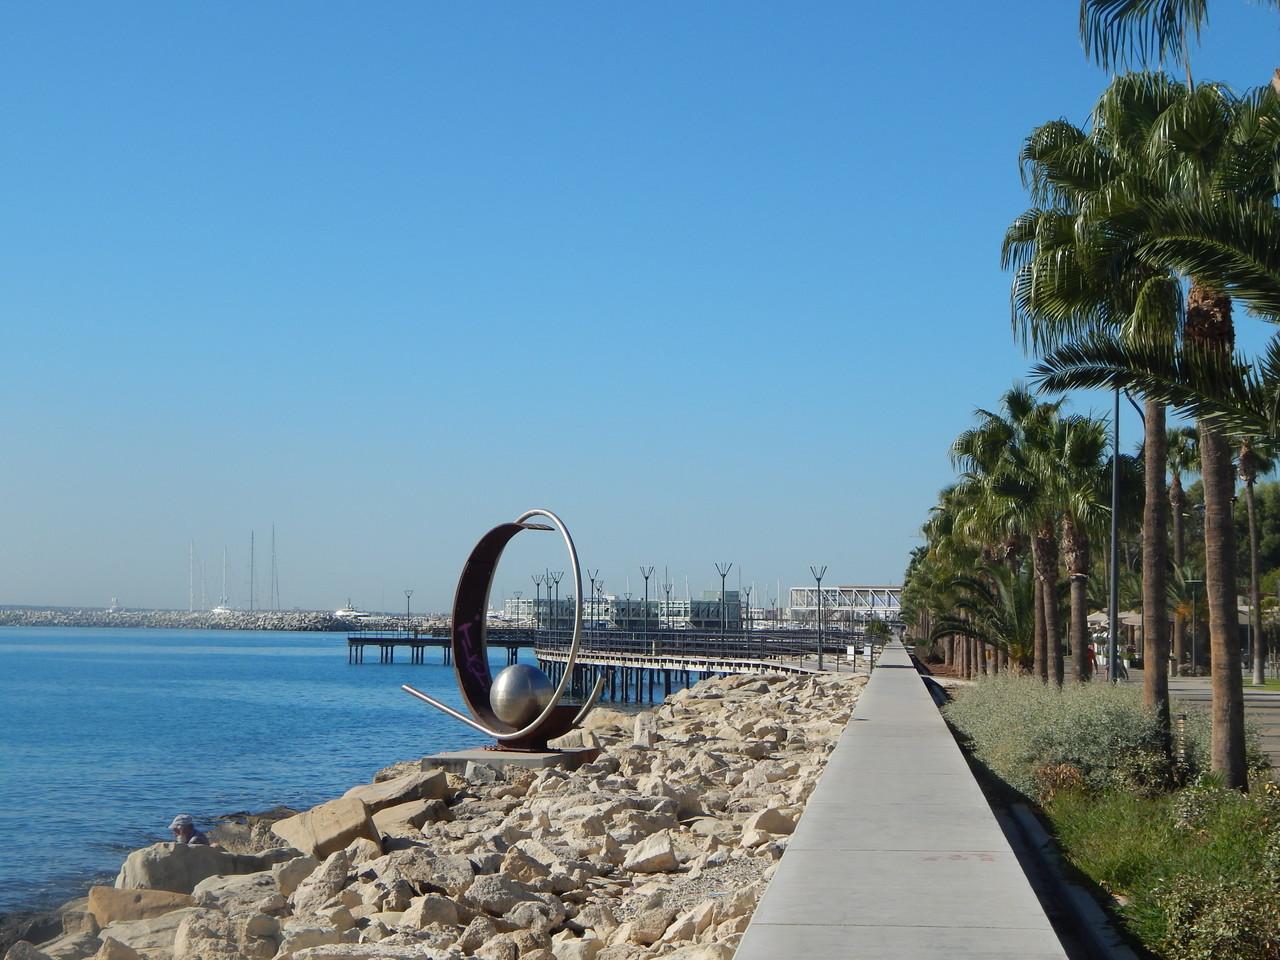 Кипр! Лимассол! Пляжи, море, развлечения и экскурсии